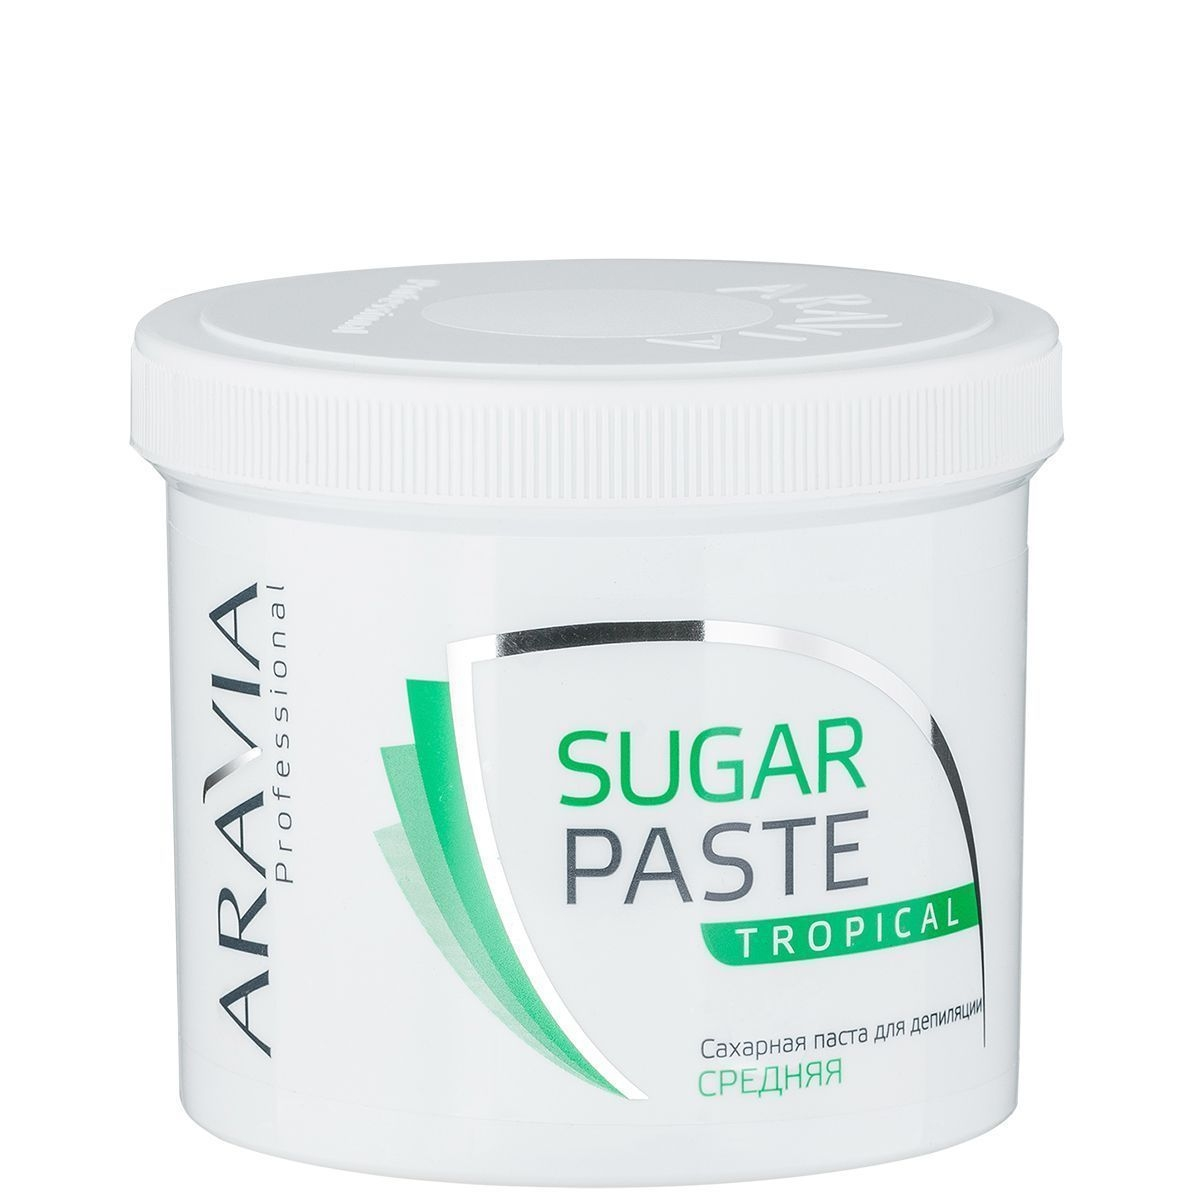 ARAVIA Сахарная Паста для Депиляции Тропическая Средней Консистенции, 750 гр